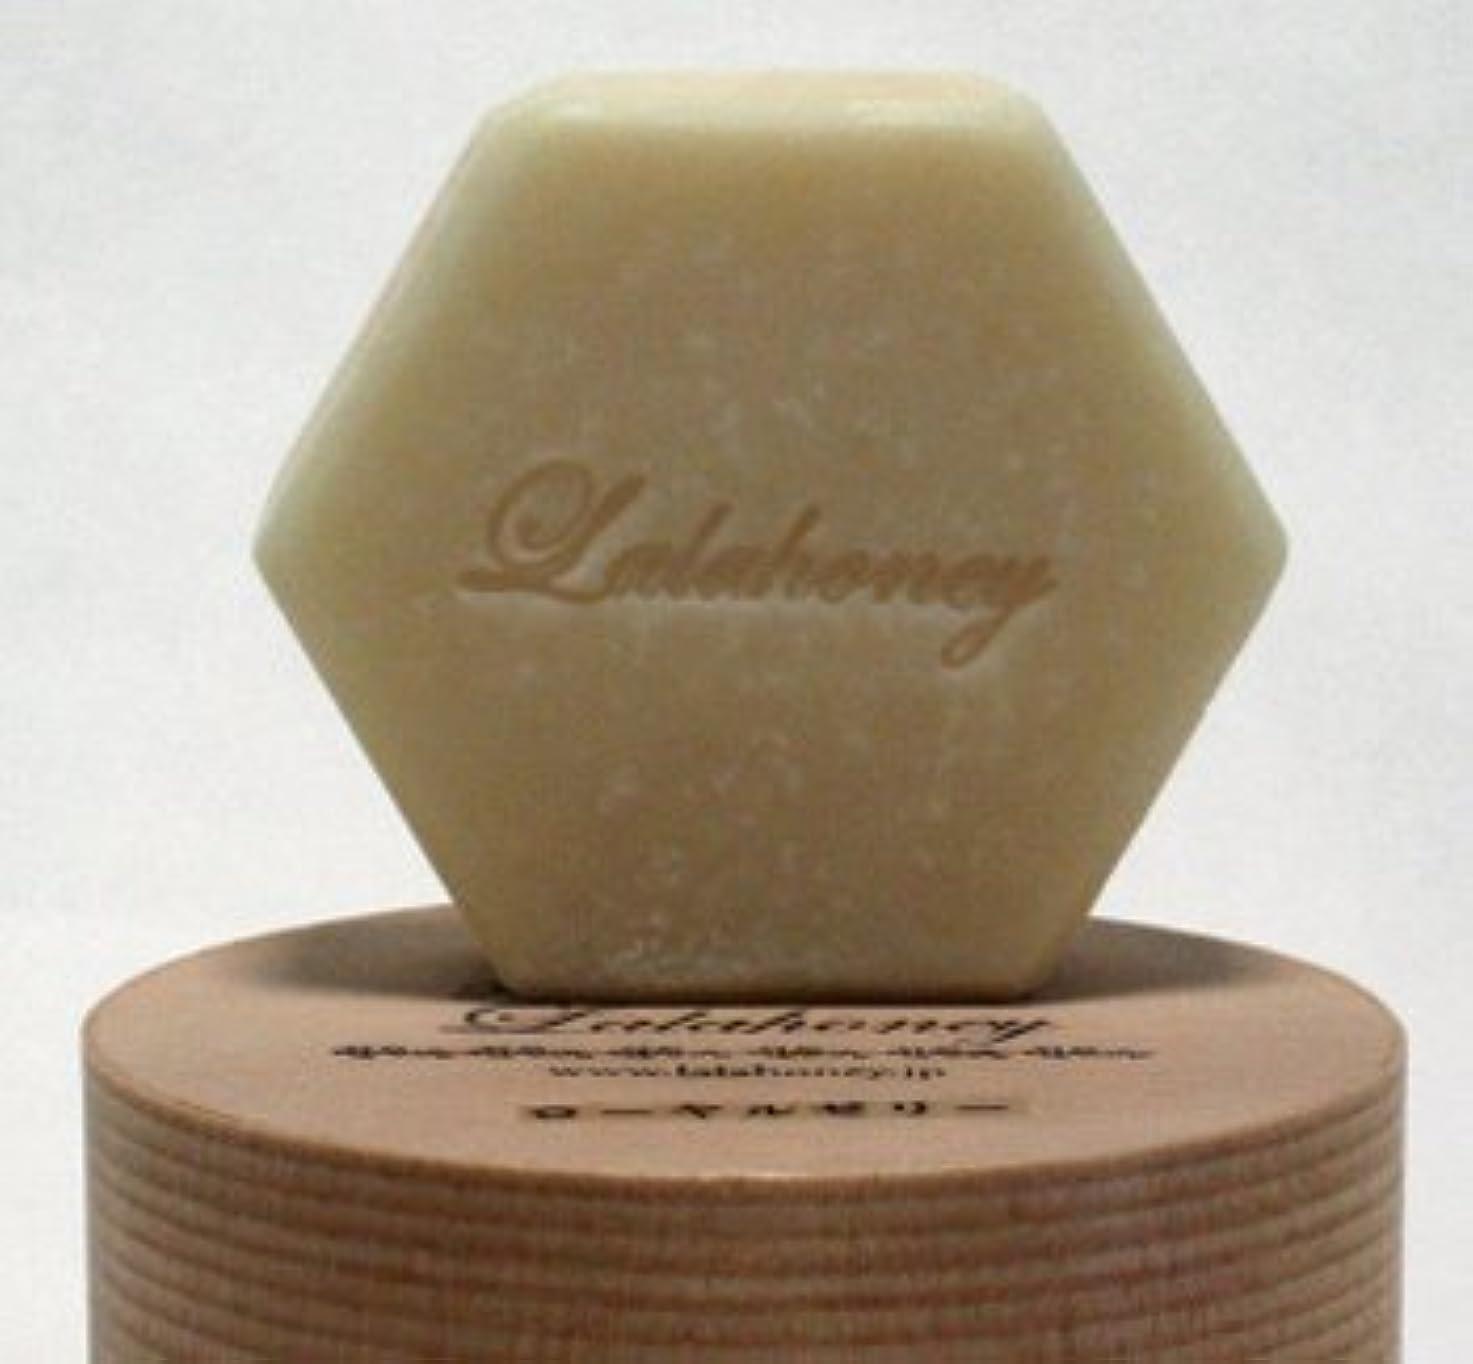 免除するナチュラバーチャルみつばちコスメシリーズ「LALAHONEY 石鹸(ローヤルゼリー) 90g(わっぱ容器付?泡たてネット付)」